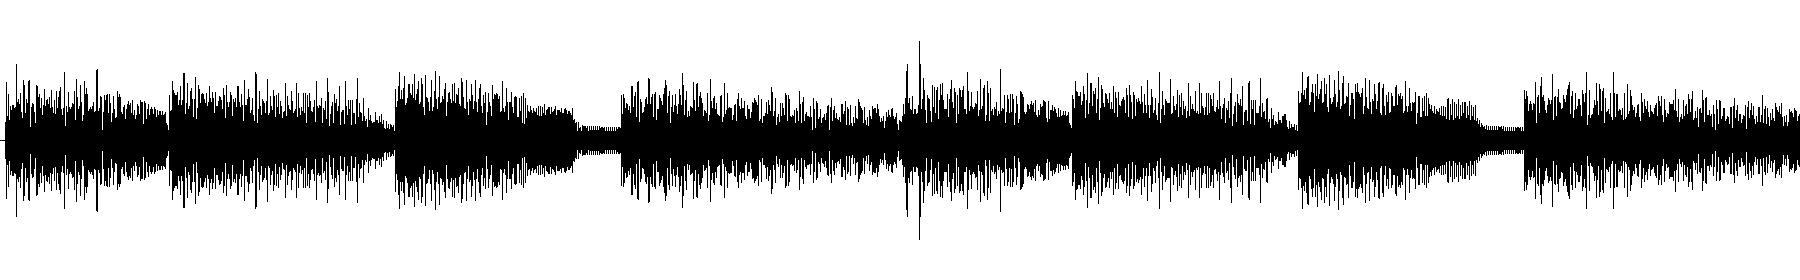 hm 124 gf epiano16